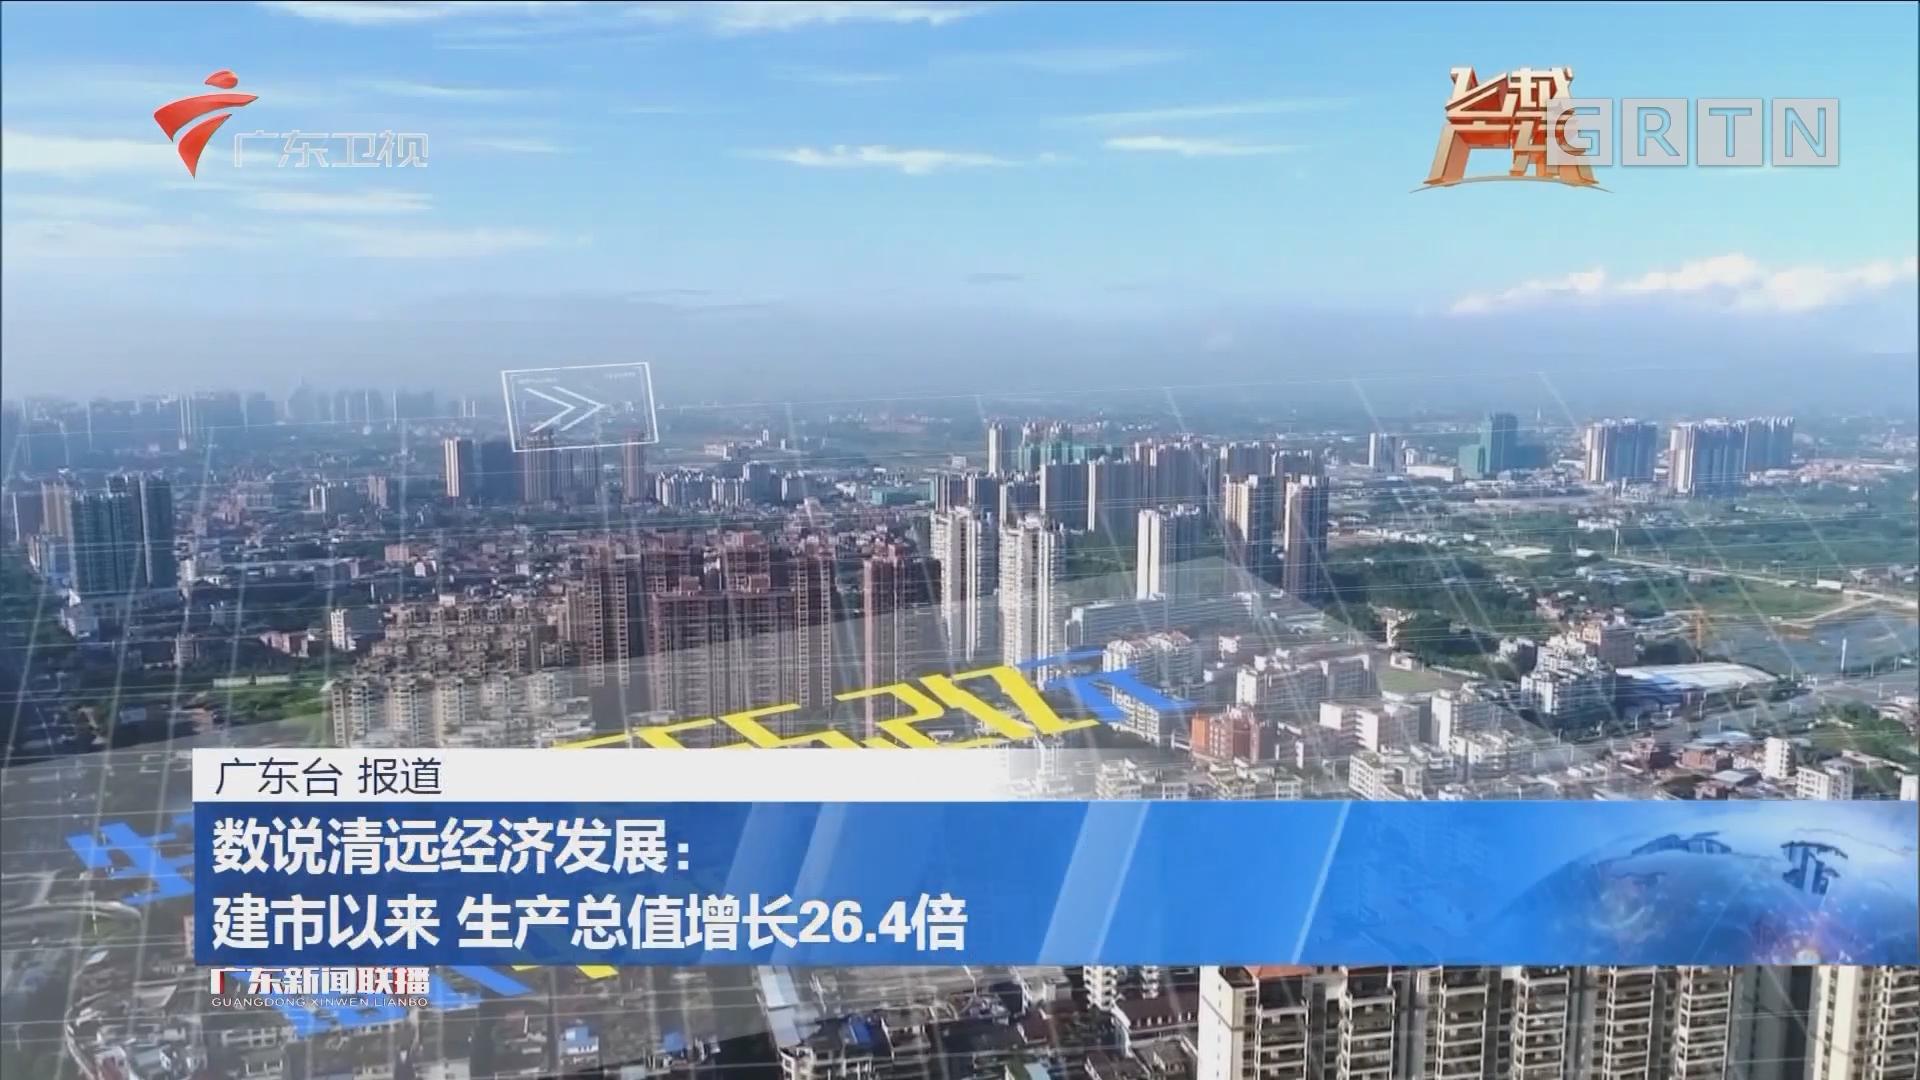 数说清远经济发展:建市以来 生产总值增长26.4倍